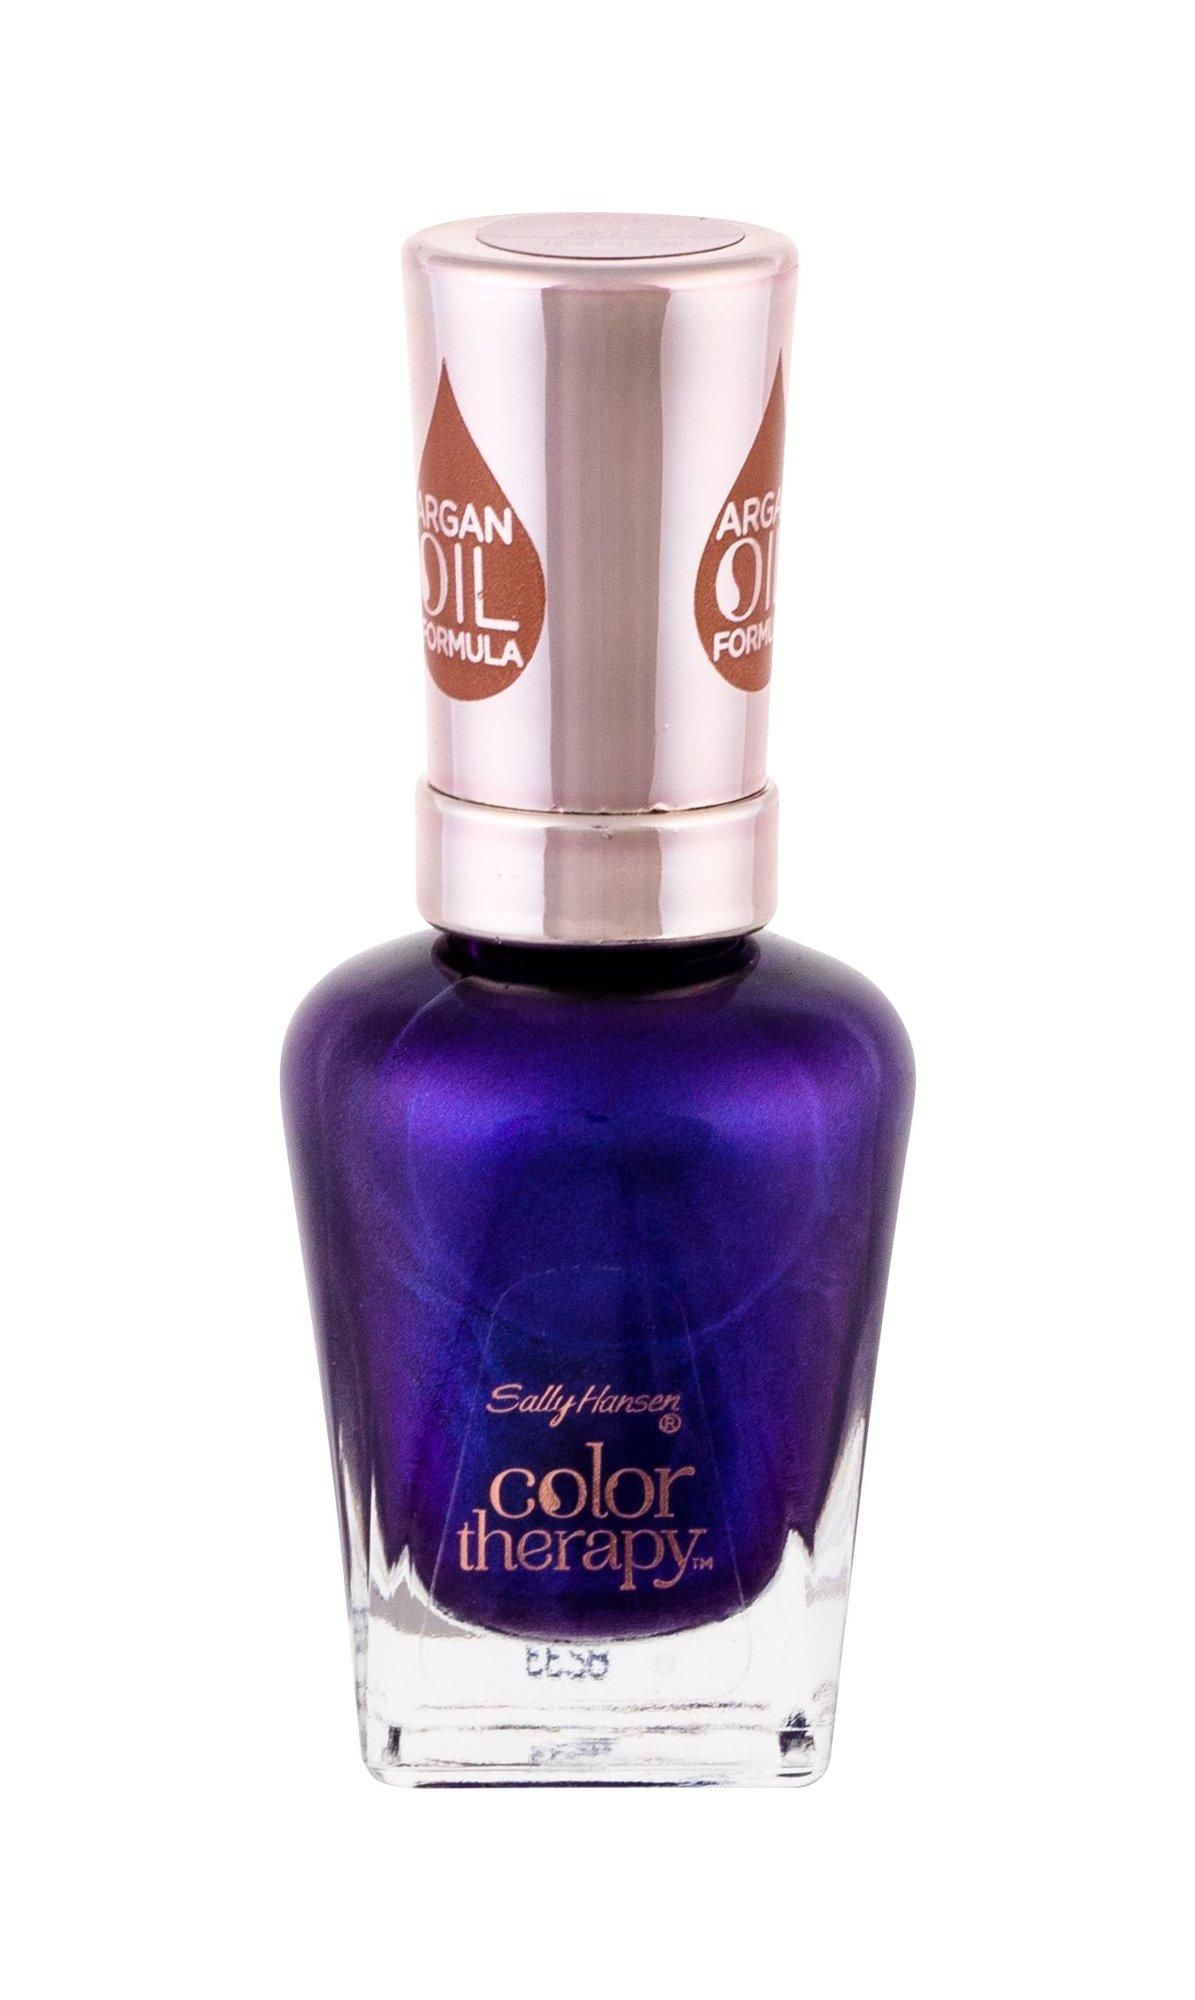 Sally Hansen Color Therapy Nail Polish 14,7ml 410 Indiglow